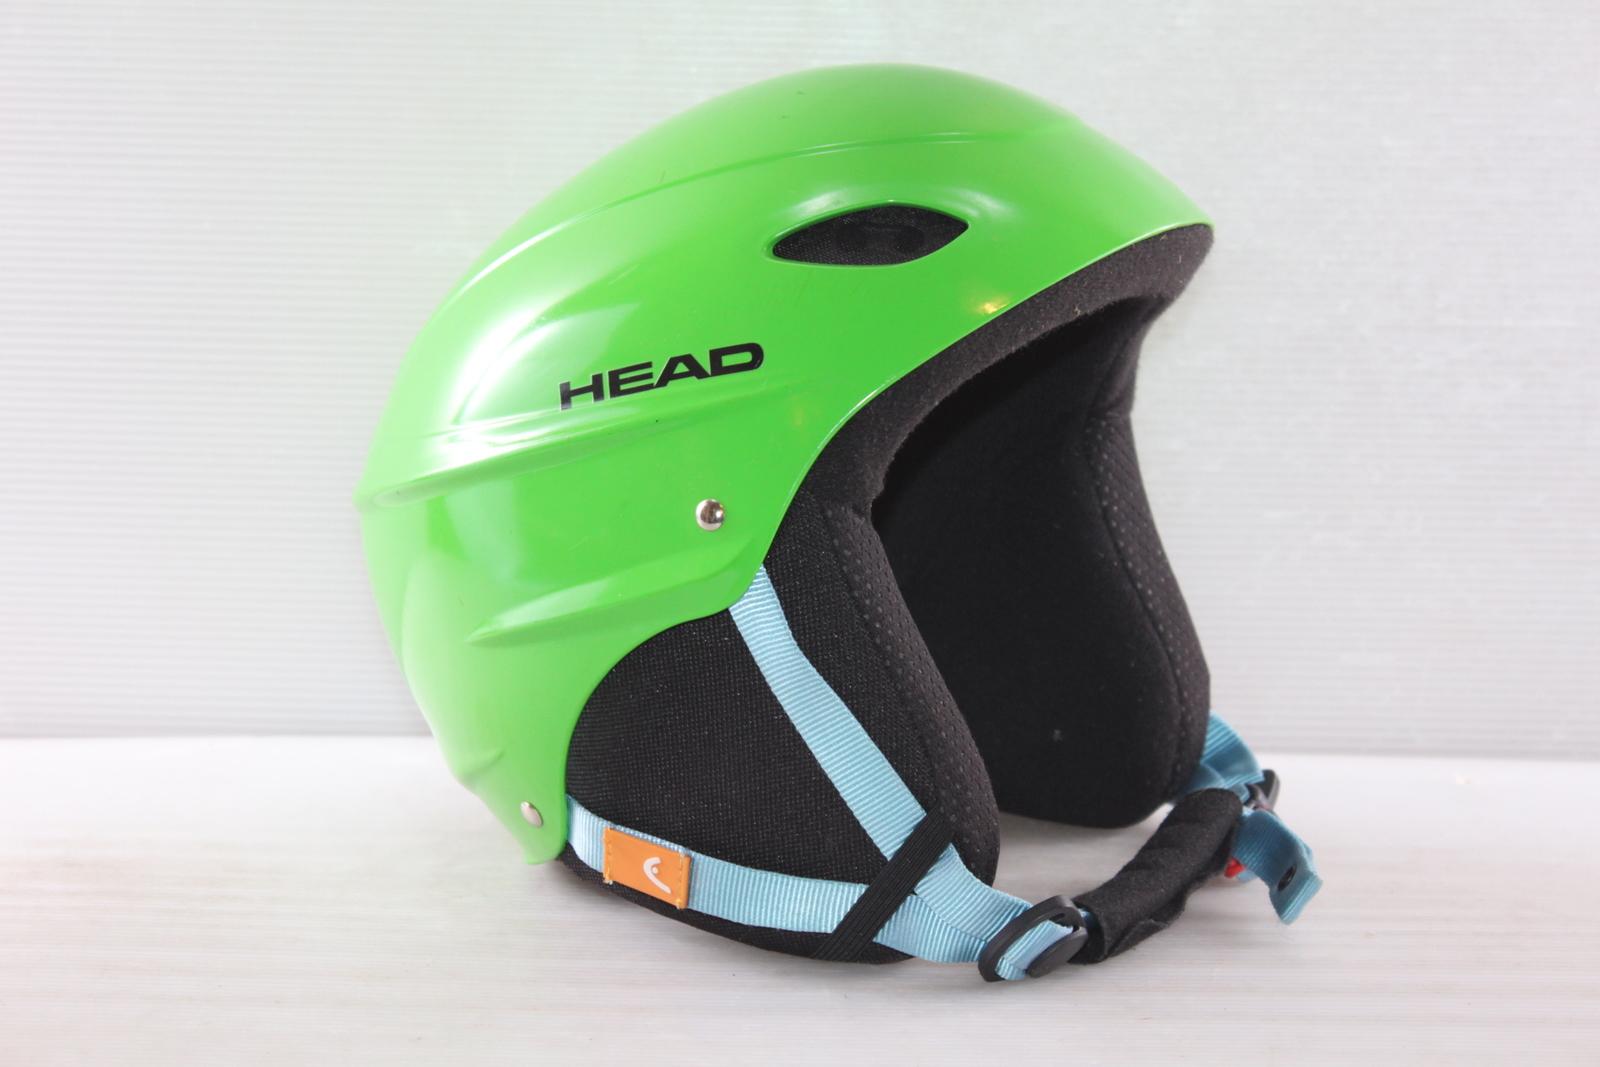 Dětská lyžařská helma Head Head - posuvná vel. 52 - 55